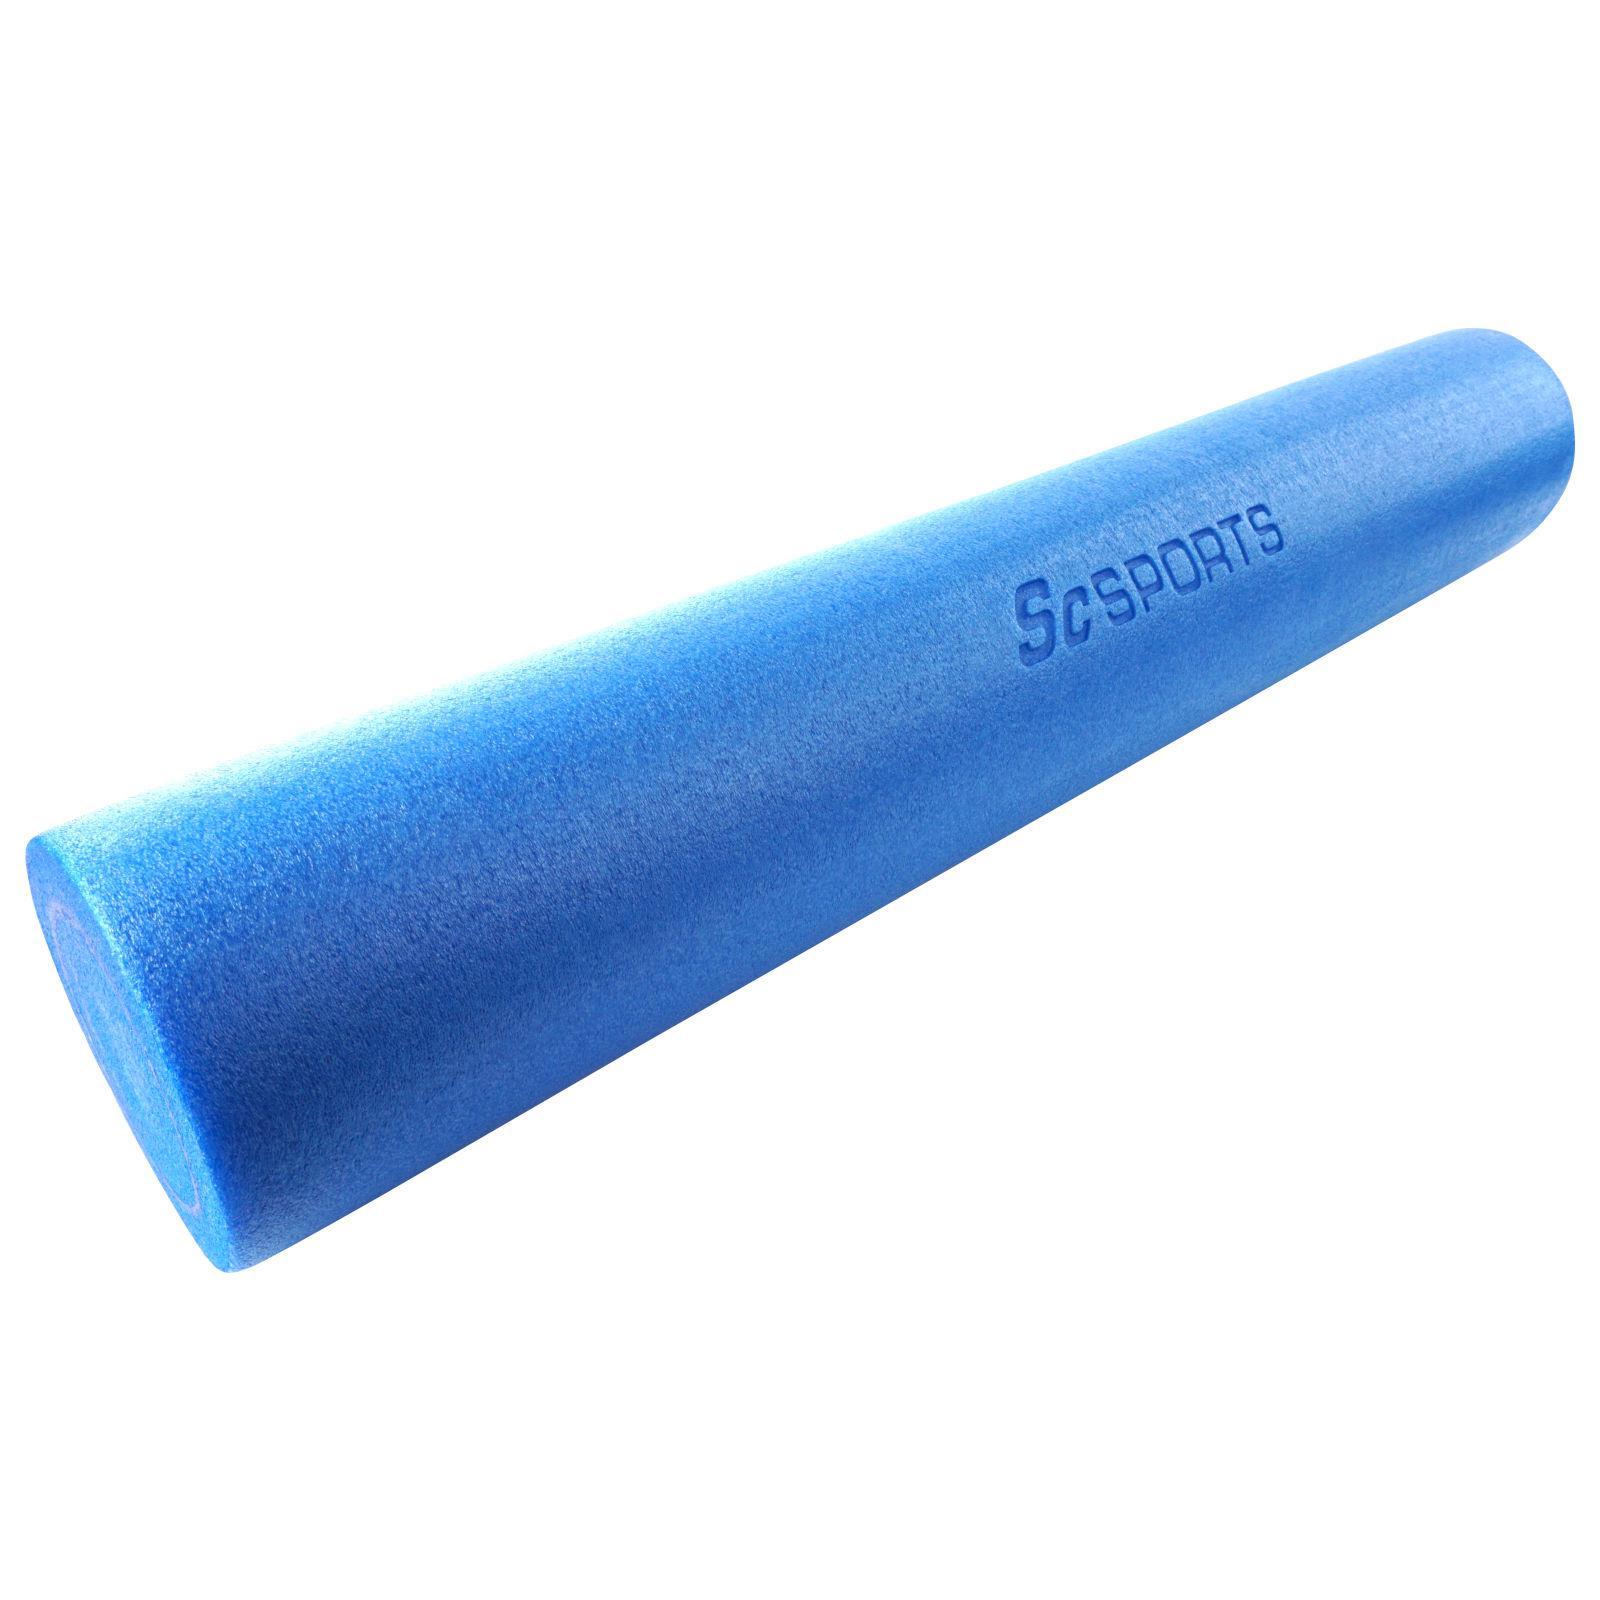 ScSPORTS-Pilatesrolle-Faszienrolle-Massagerolle-Fitnessrolle-Yoga-Rolle-90-x-15 Indexbild 10